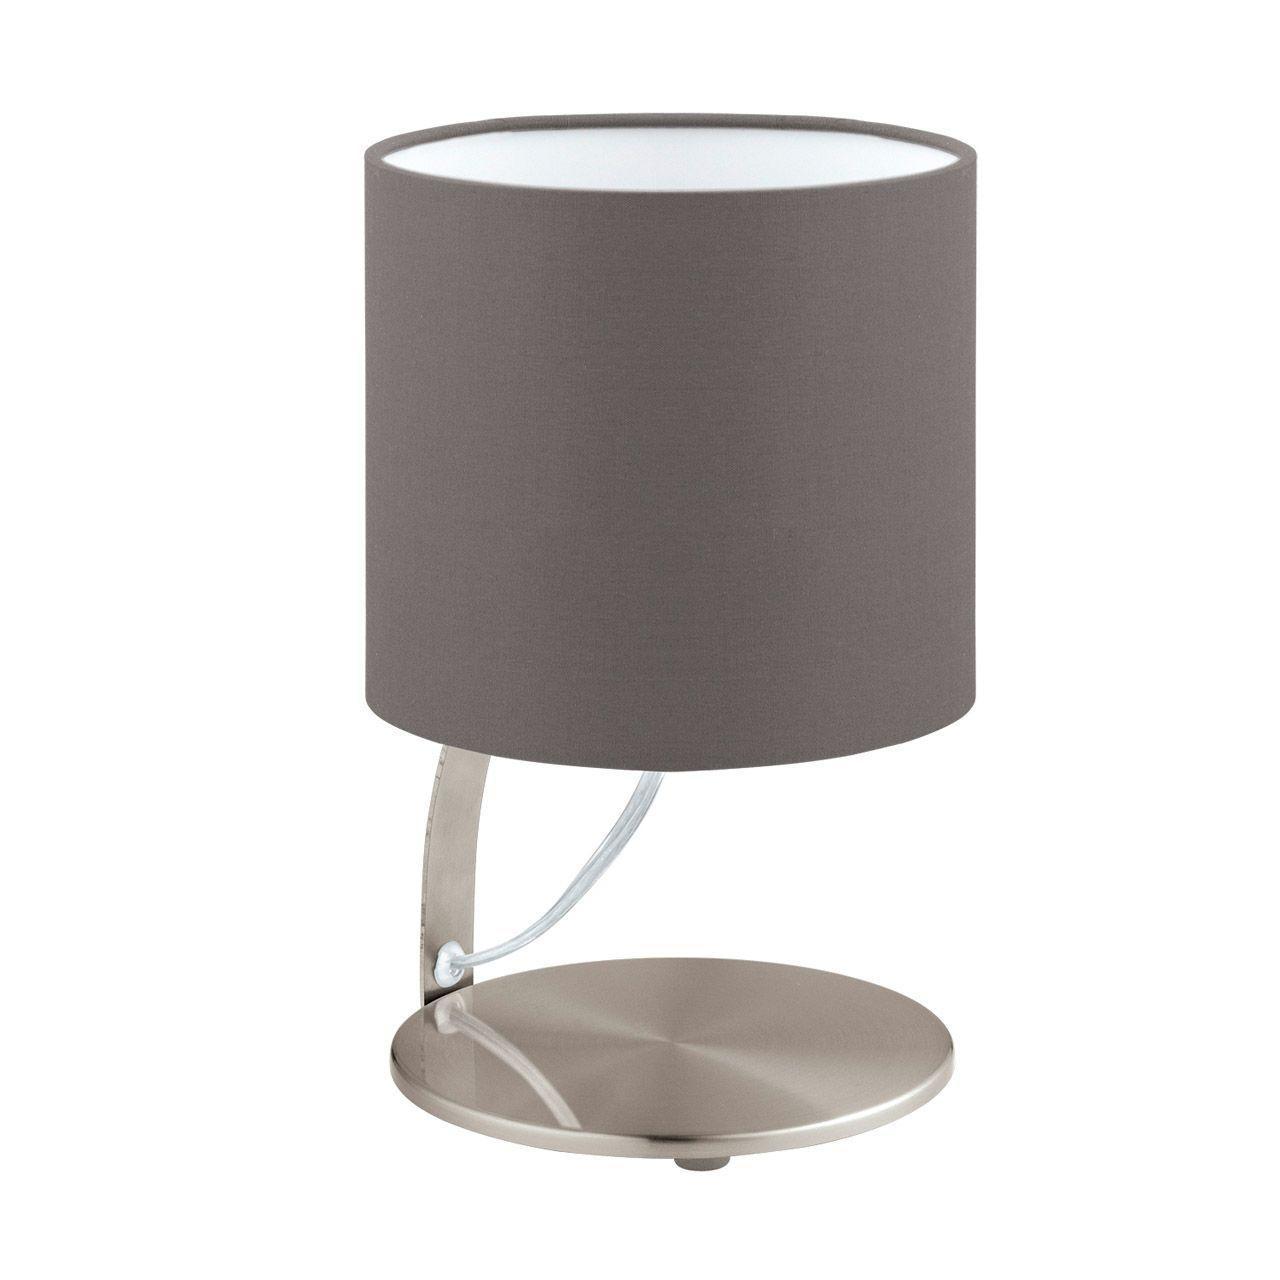 Купить Настольная лампа дизайнерская Dead в интернет магазине дизайнерской мебели и аксессуаров для дома и дачи